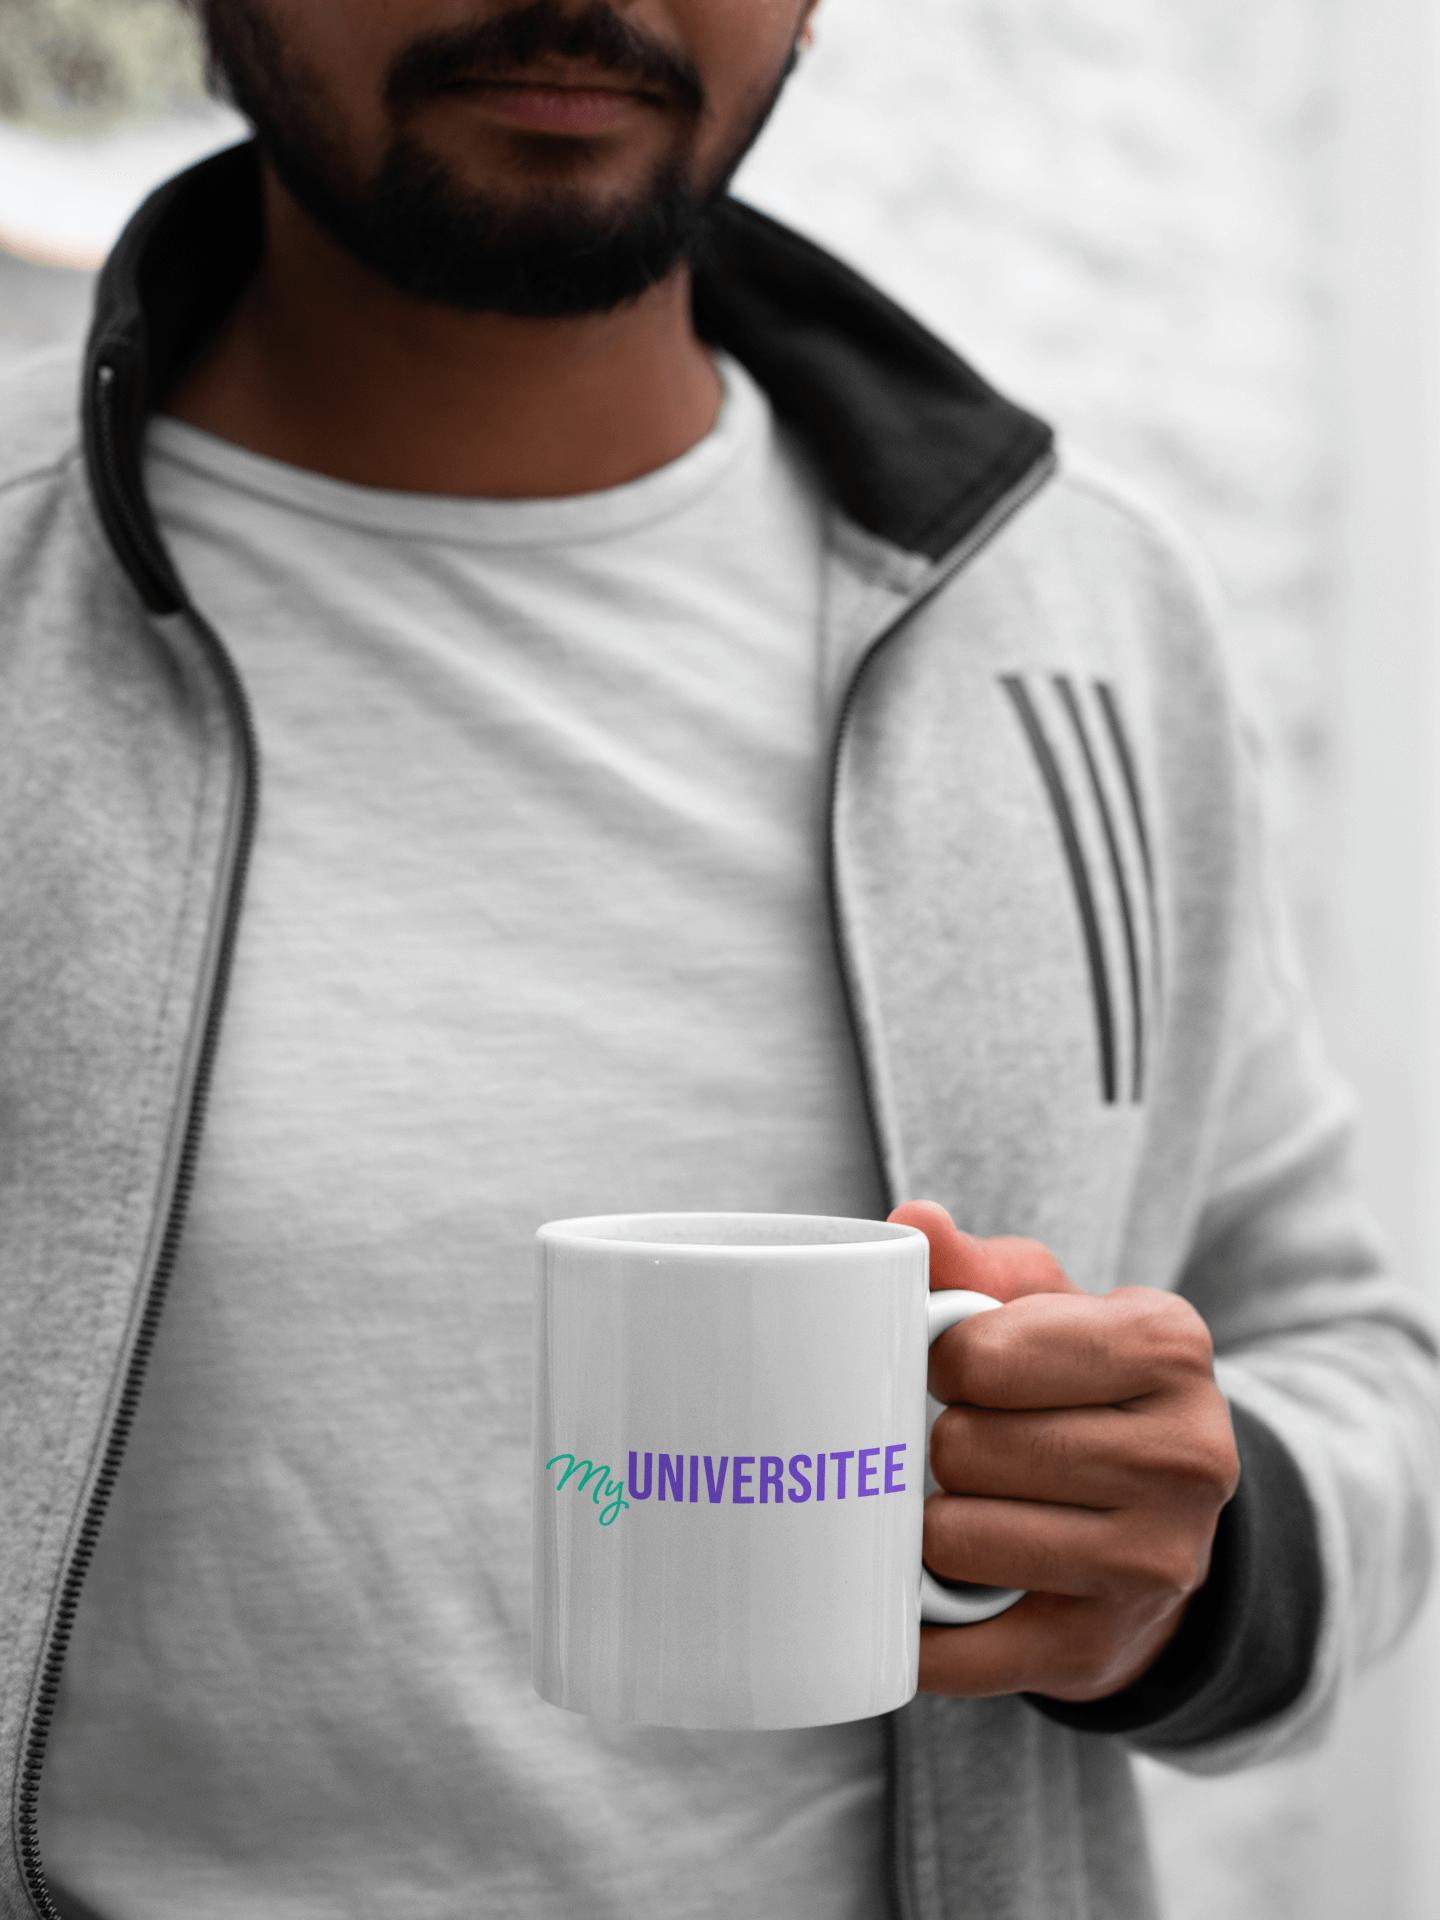 11-oz-coffee-mug-mockup-of-a-bearded-man-with-a-gray-jacket-29108